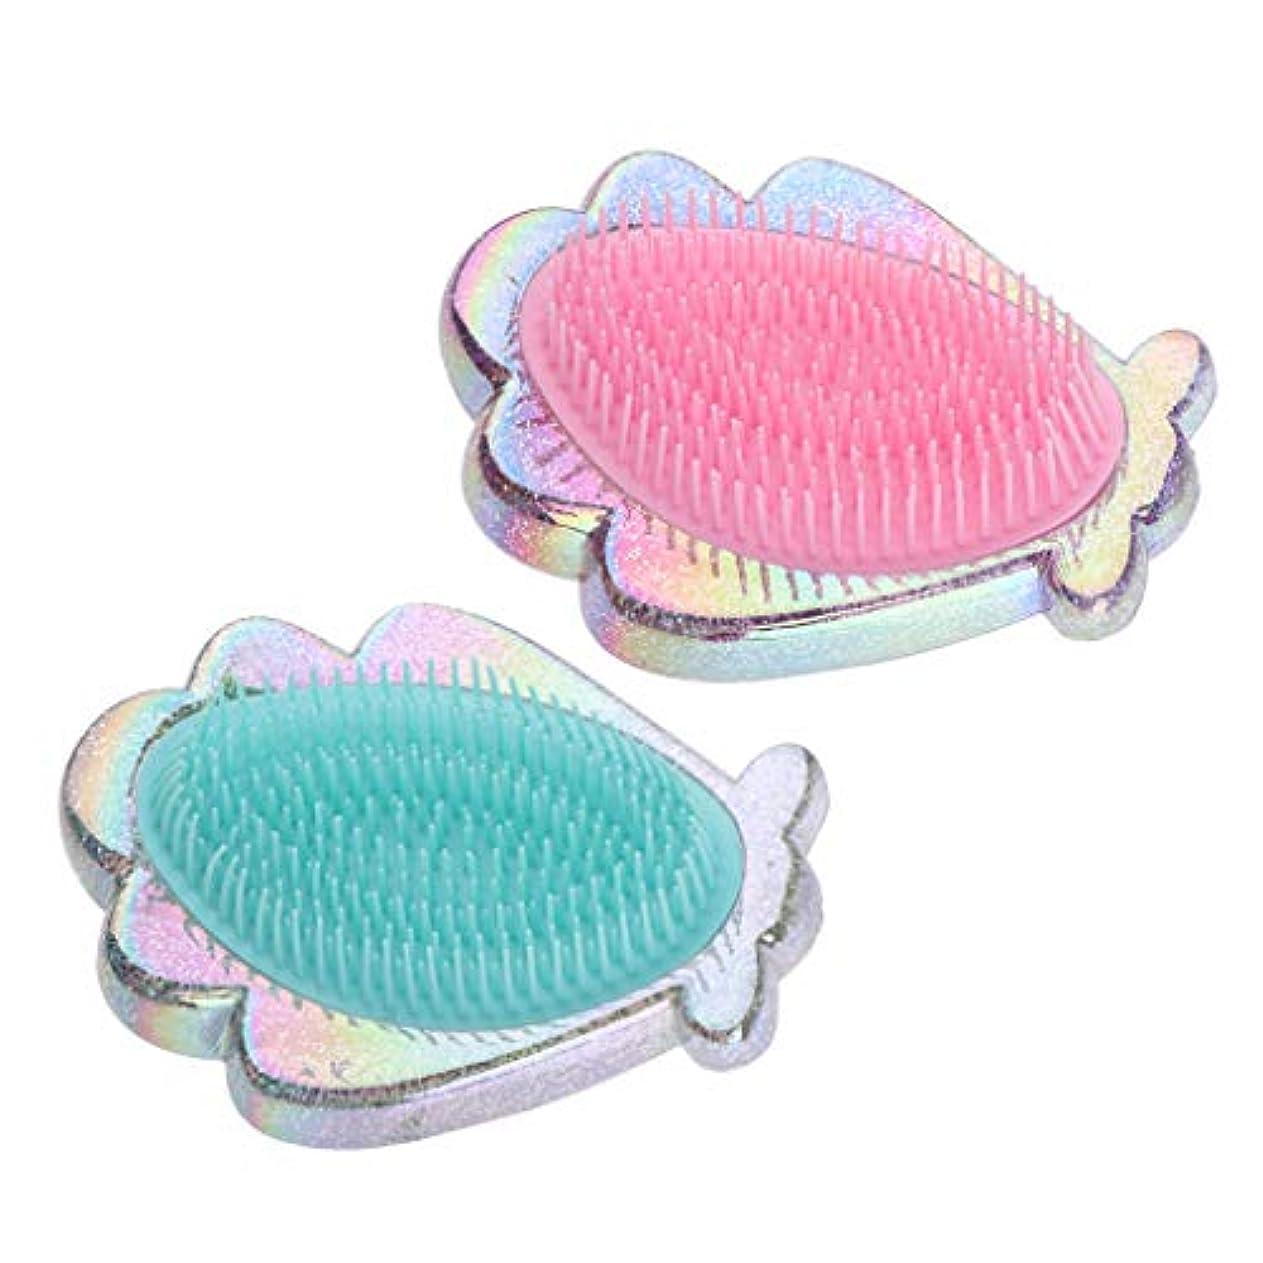 無秩序正直合計コーム ヘアコーム ヘアブラシ 静電気防止 プラスチック製 女性用 2個パック